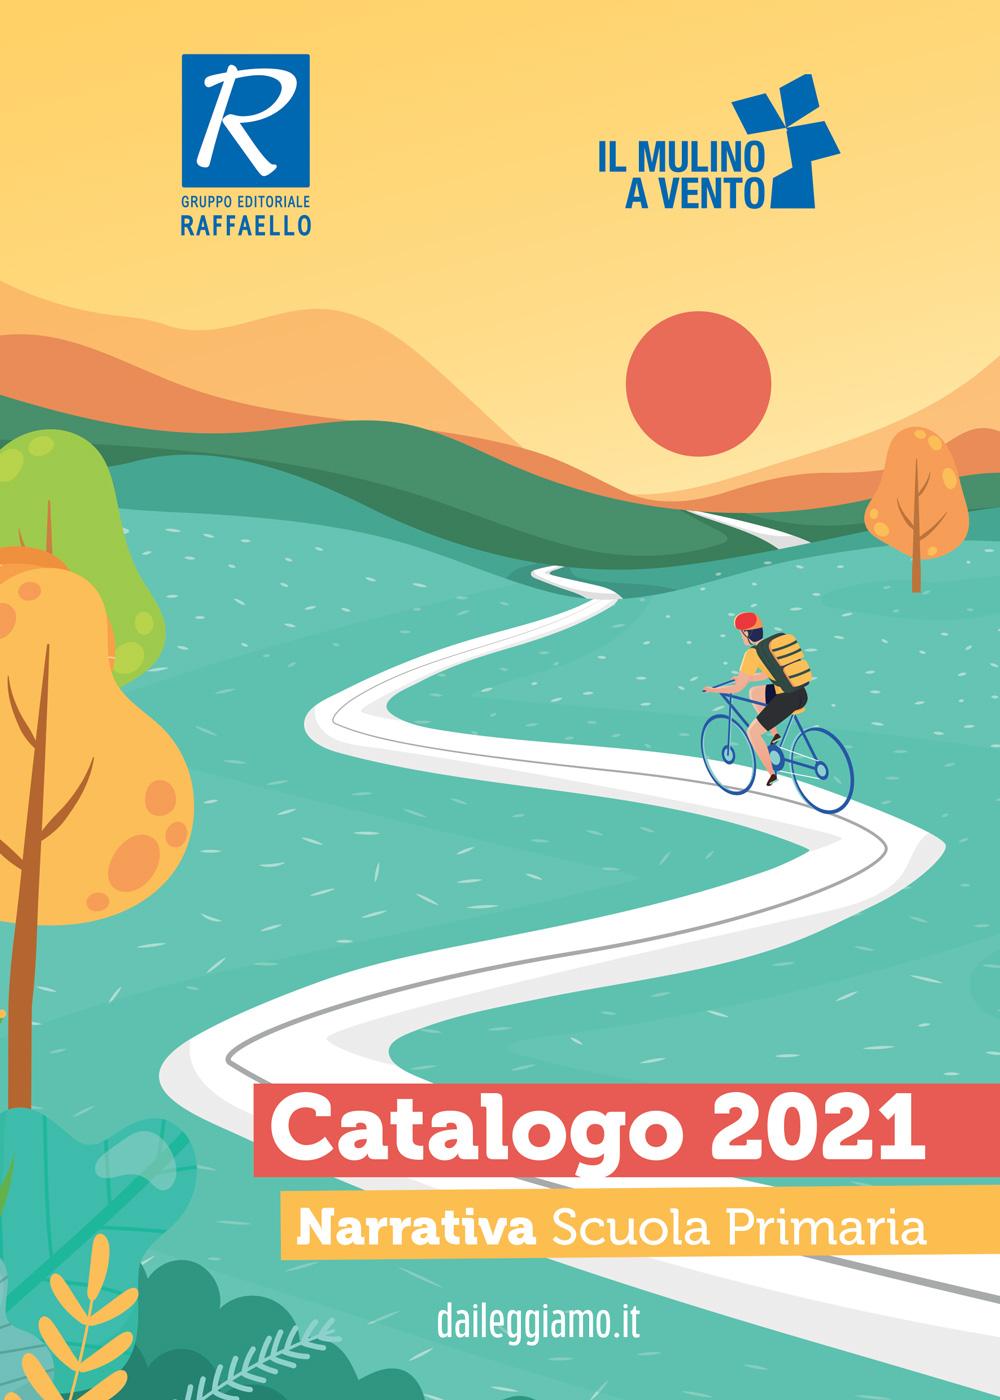 Narrativa Scuola Primaria 2021 - Il Mulino a Vento